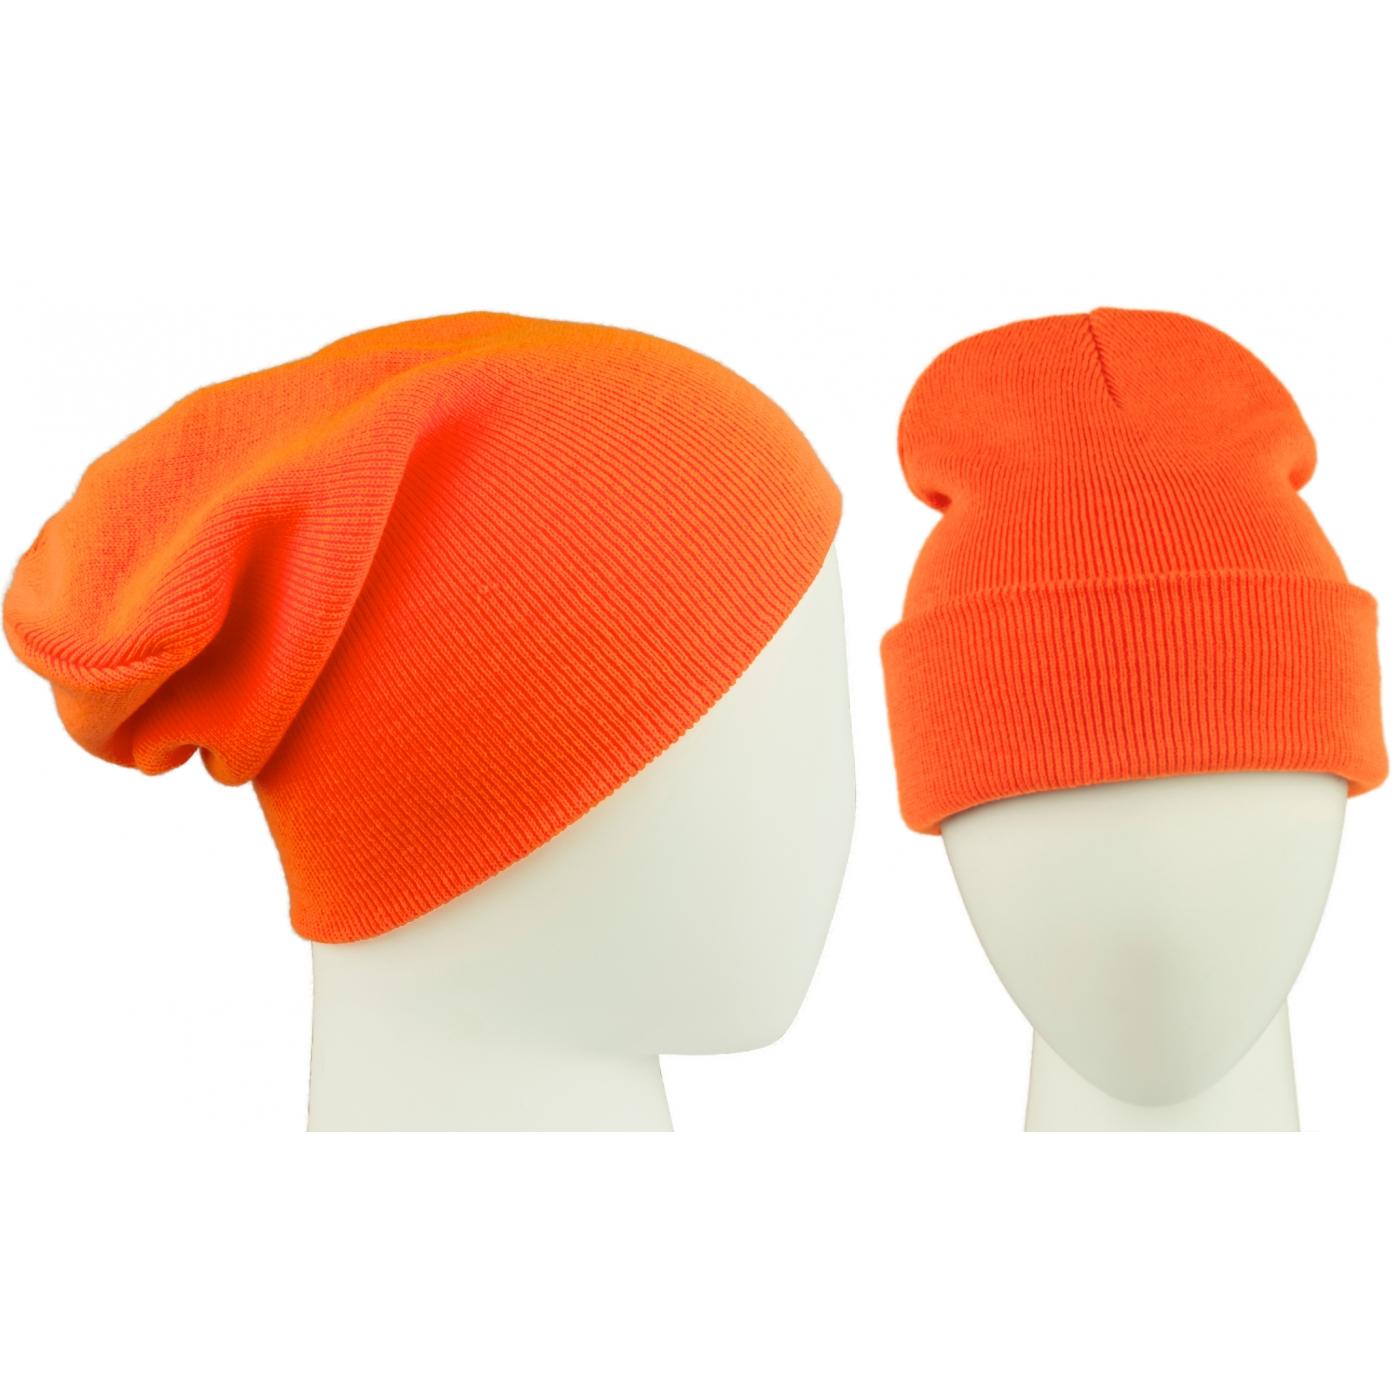 Czapka damska zimowa 3w1 beanie - pomarańczowy fluo